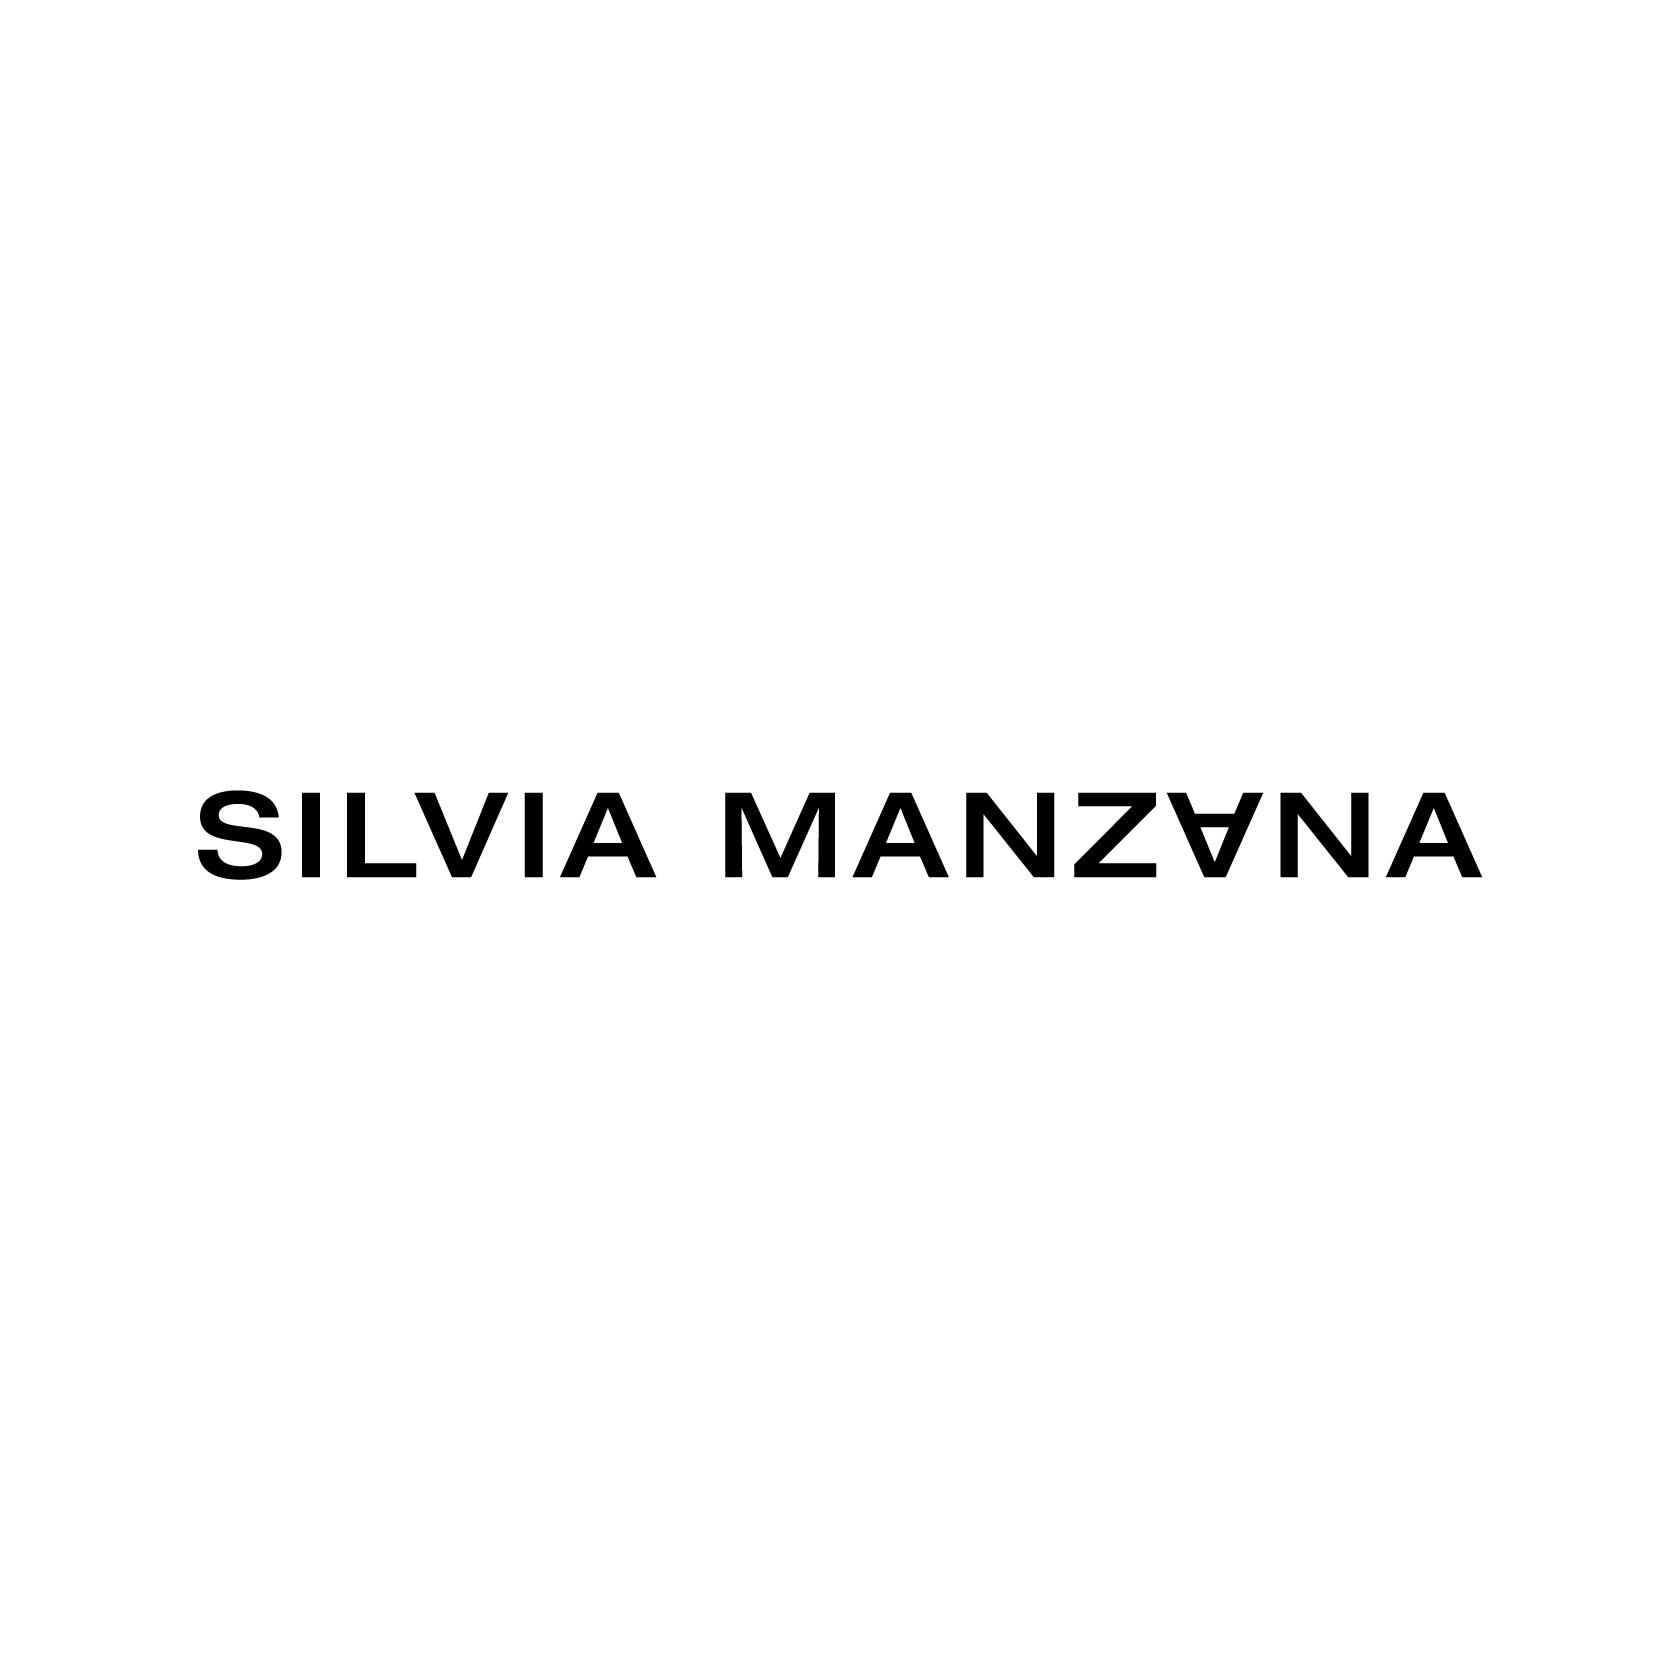 Silvia Manzana